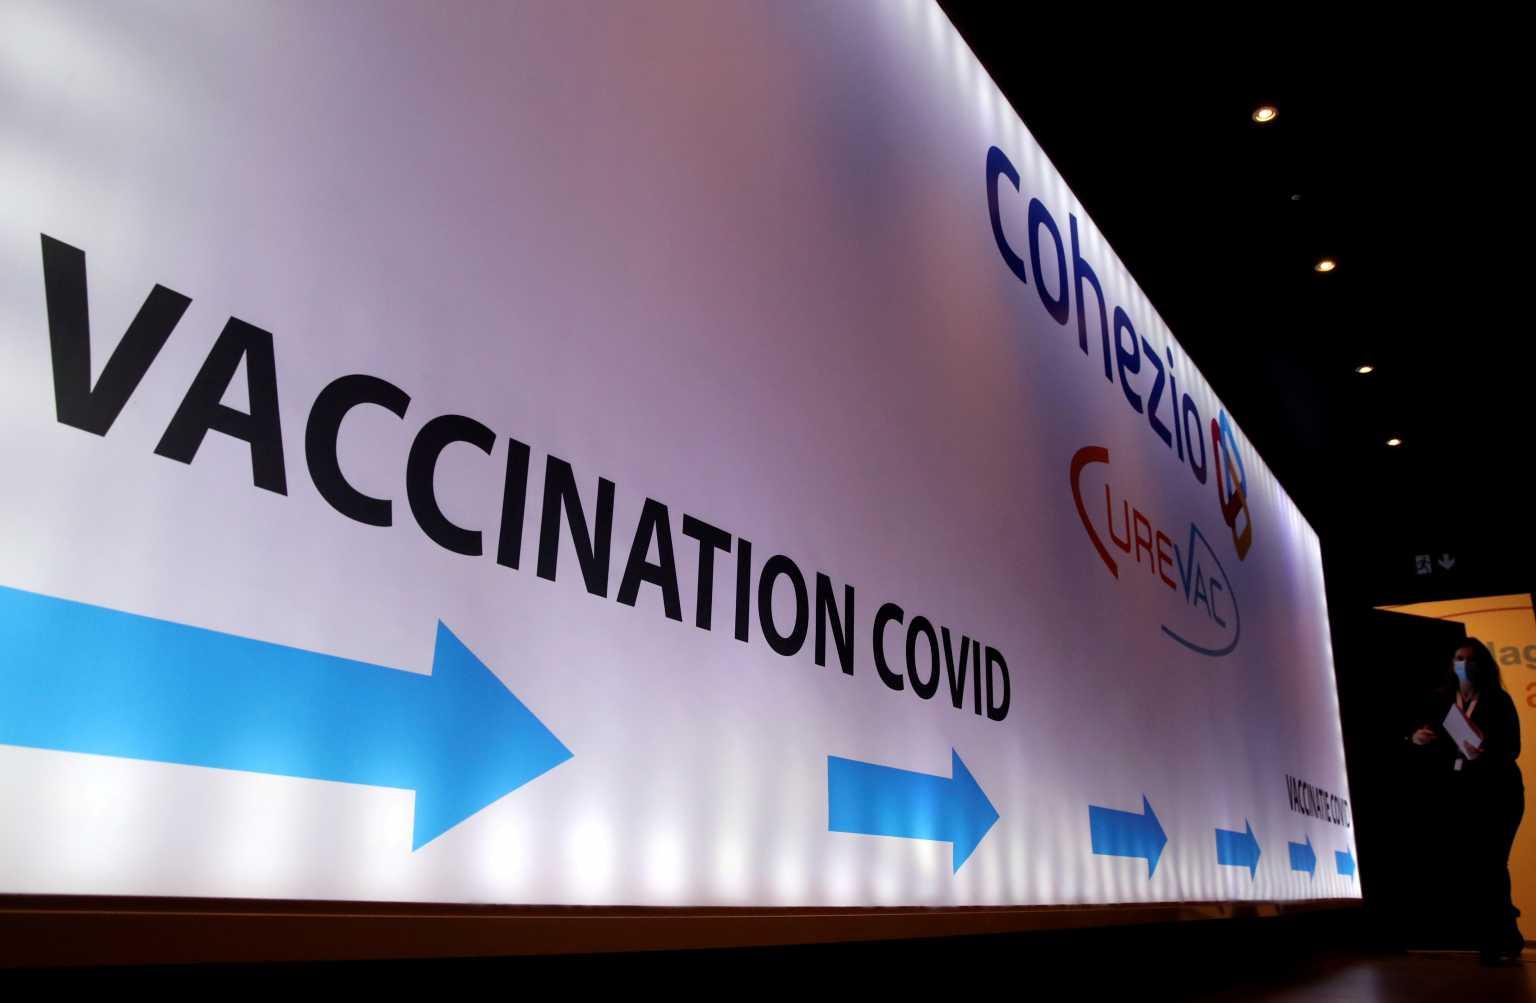 Τρεις θάνατοι στο Βέλγιο που πιθανώς συνδέονται με τον εμβολιασμό κατά του κορονοϊού